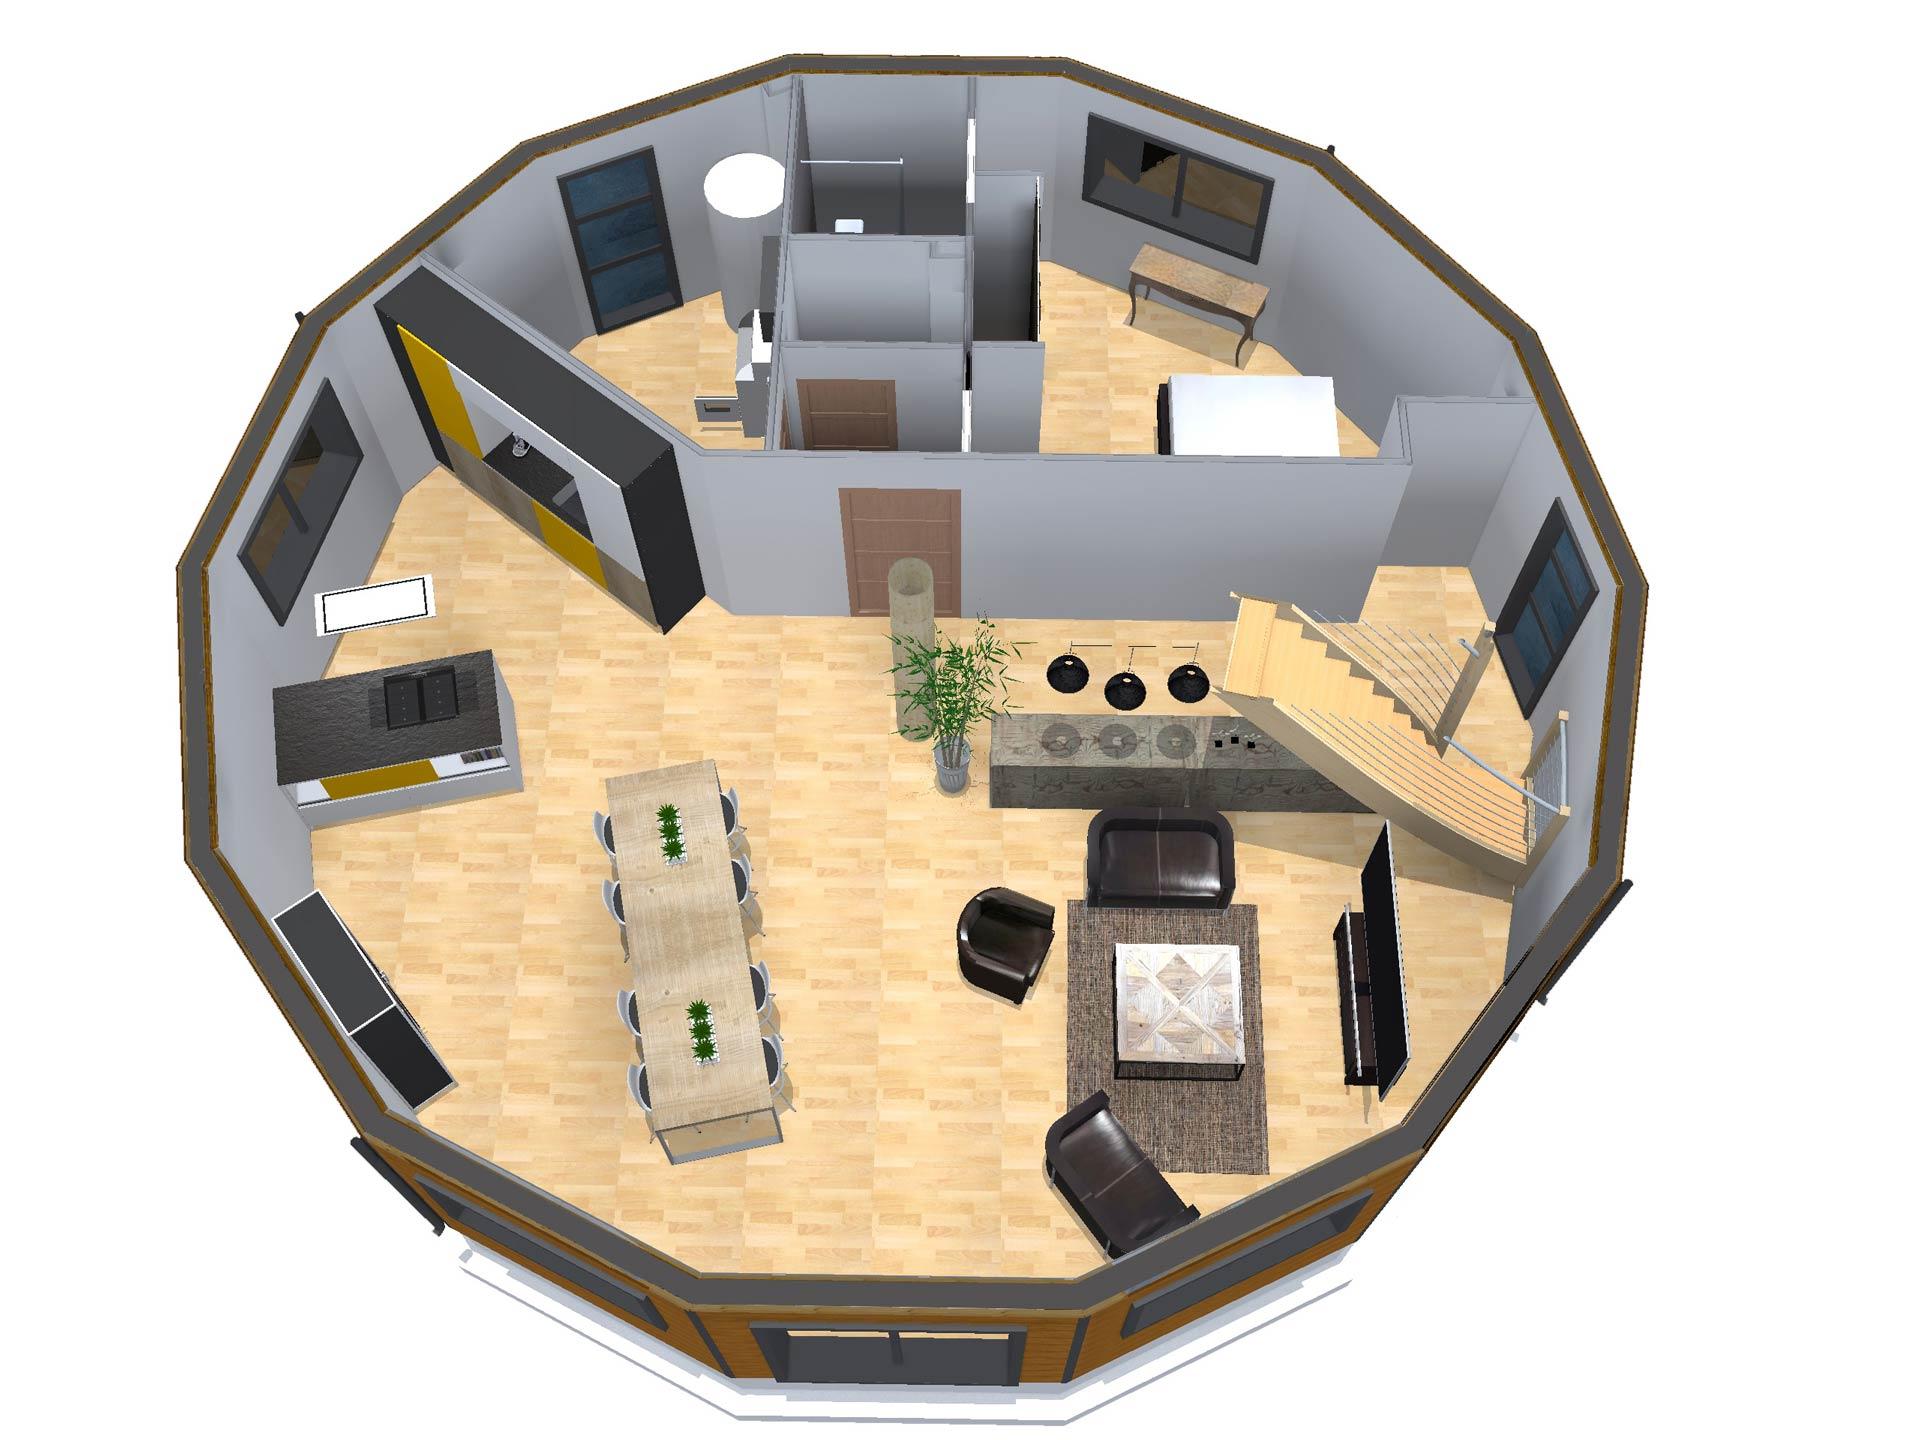 amenagement interieur maison ronde